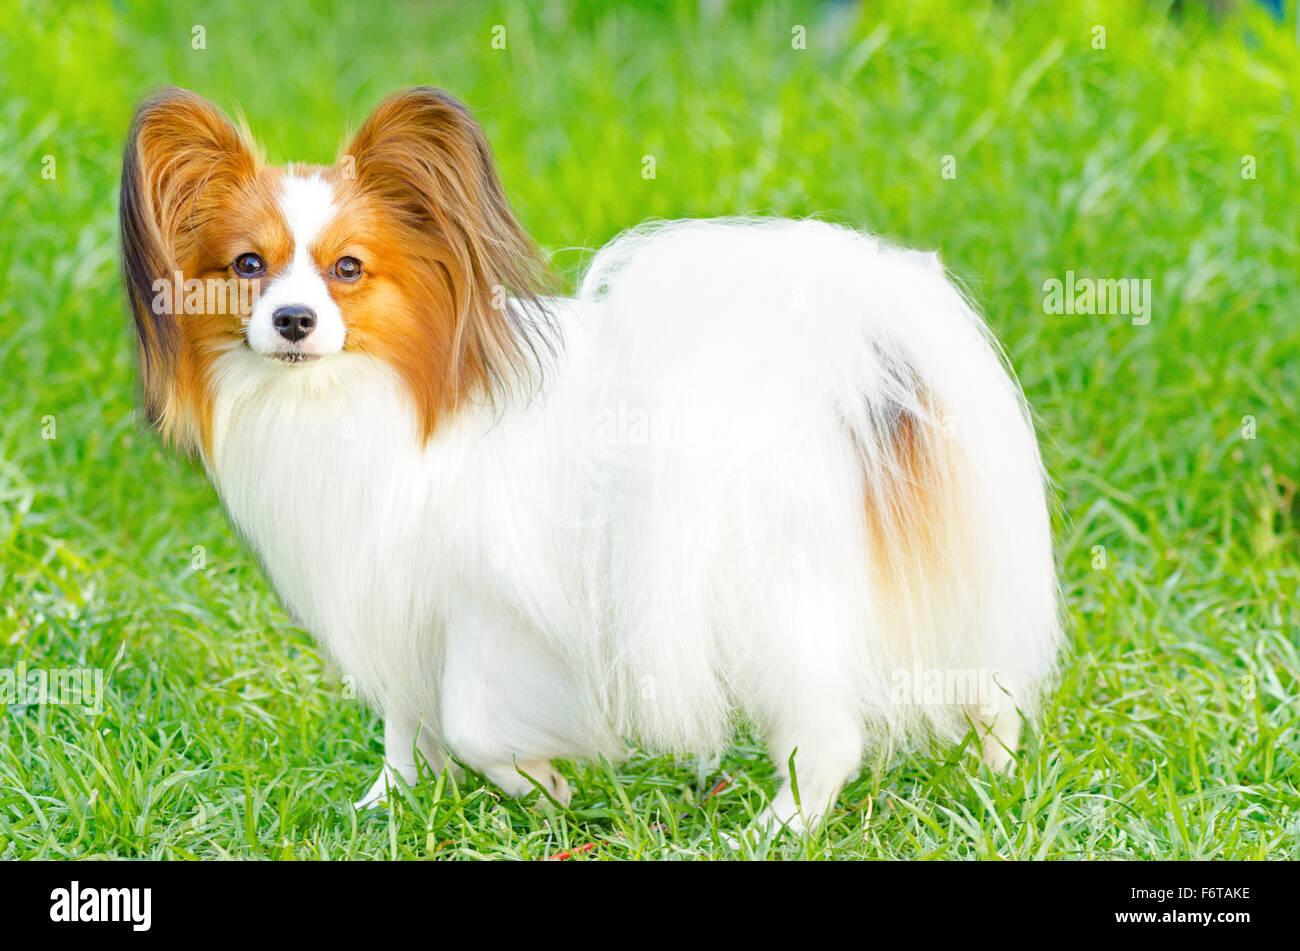 Un piccolo di colore bianco e rosso cane papillon (aka Continental toy  spaniel) in piedi sull'erba guardando molto cordiale e bella Foto stock -  Alamy